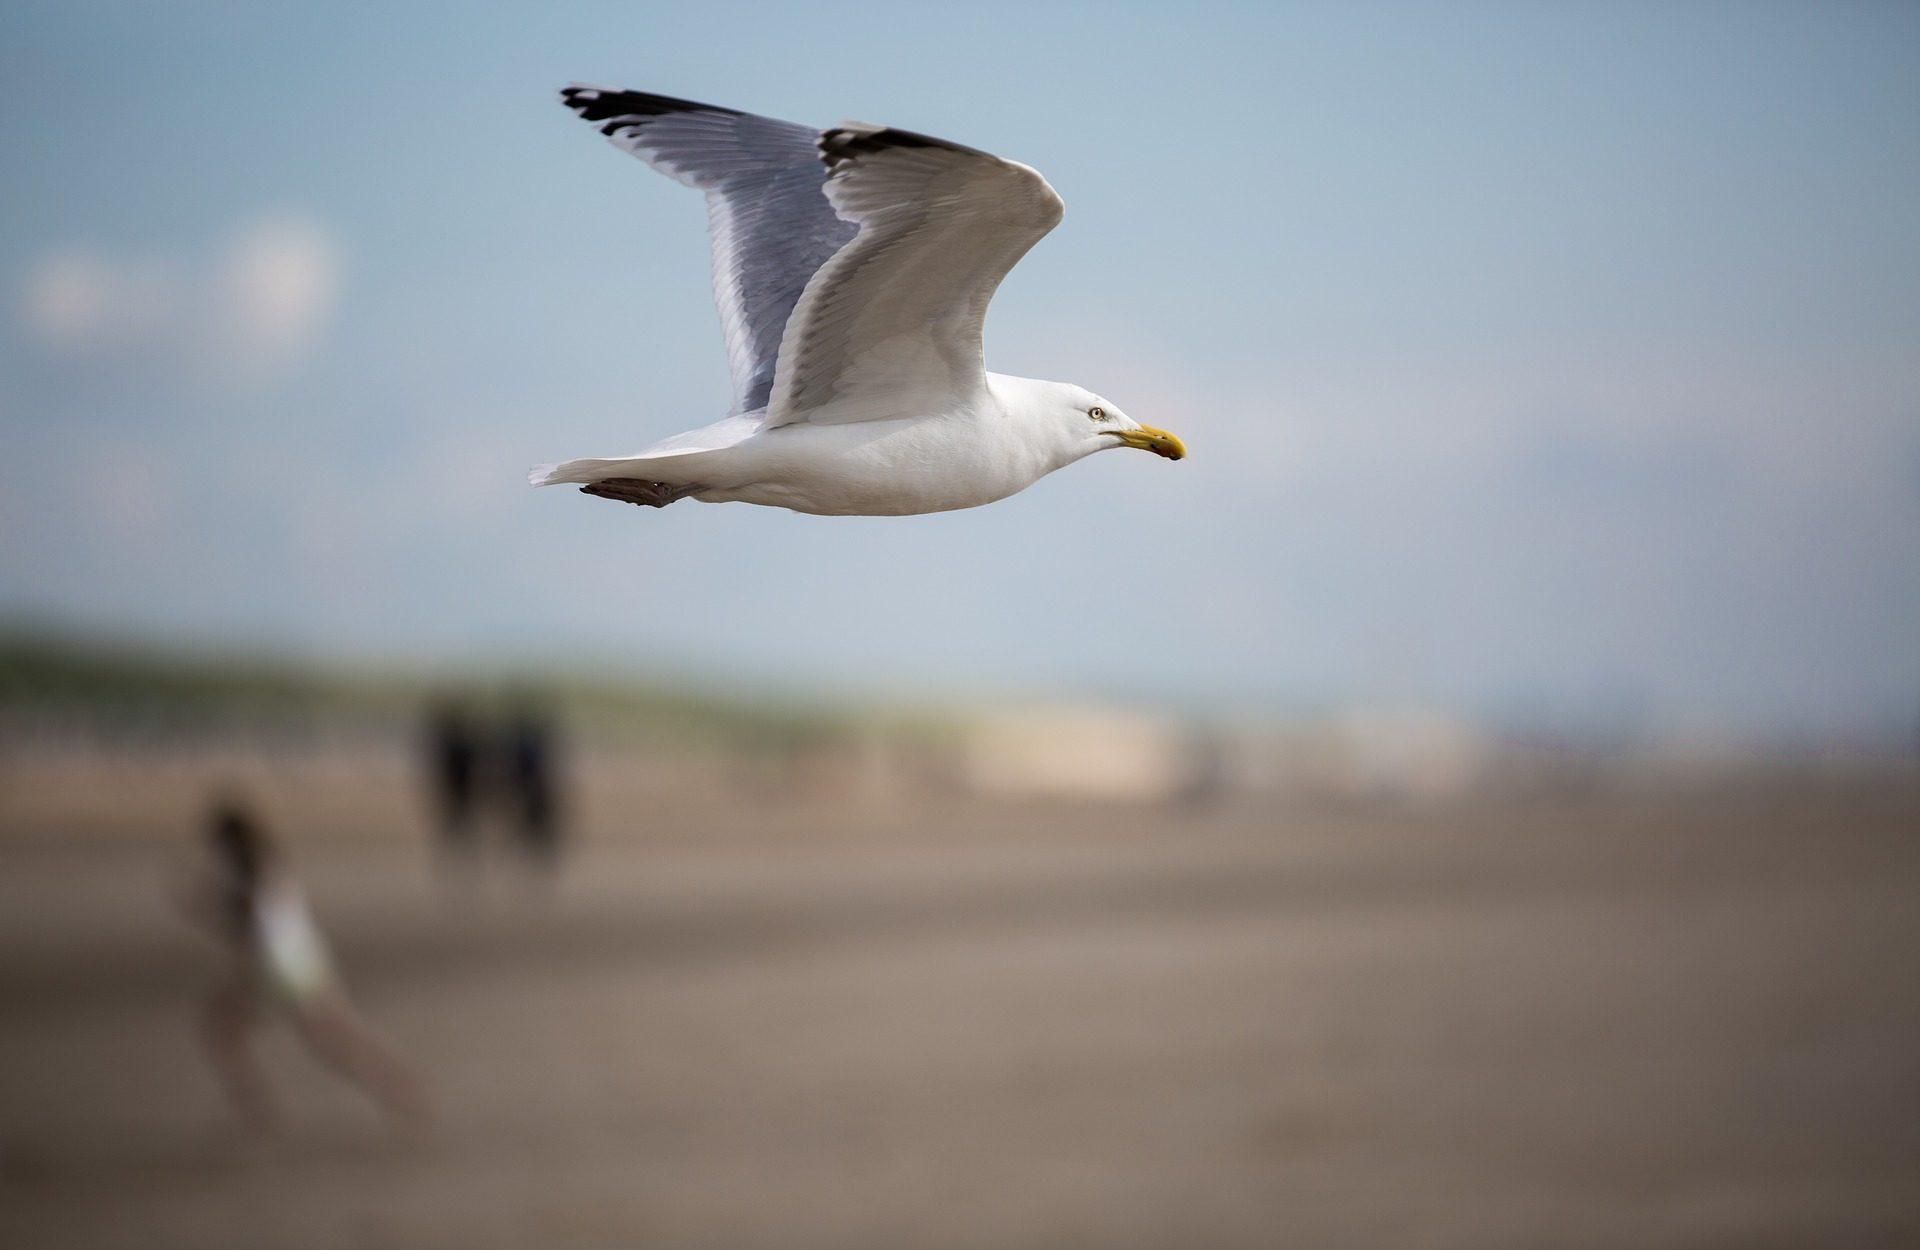 海鸥, 大道, 鸟, 飞行, 翅膀, 翼展 - 高清壁纸 - 教授-falken.com